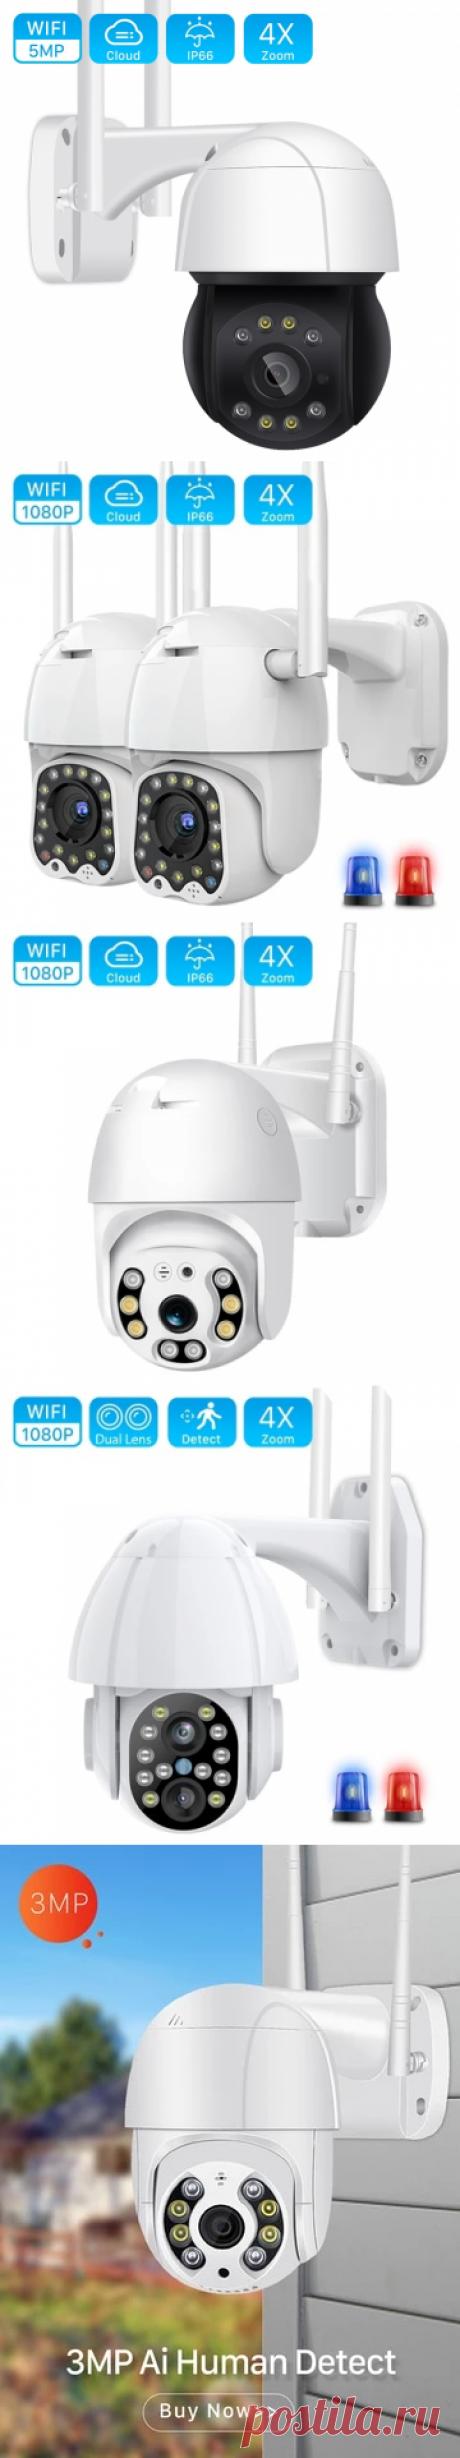 IP камера с датчиком присутствия, 5 МП, Wi Fi, H.265, 3 Мп, 4 кратный зум | Камеры видеонаблюдения